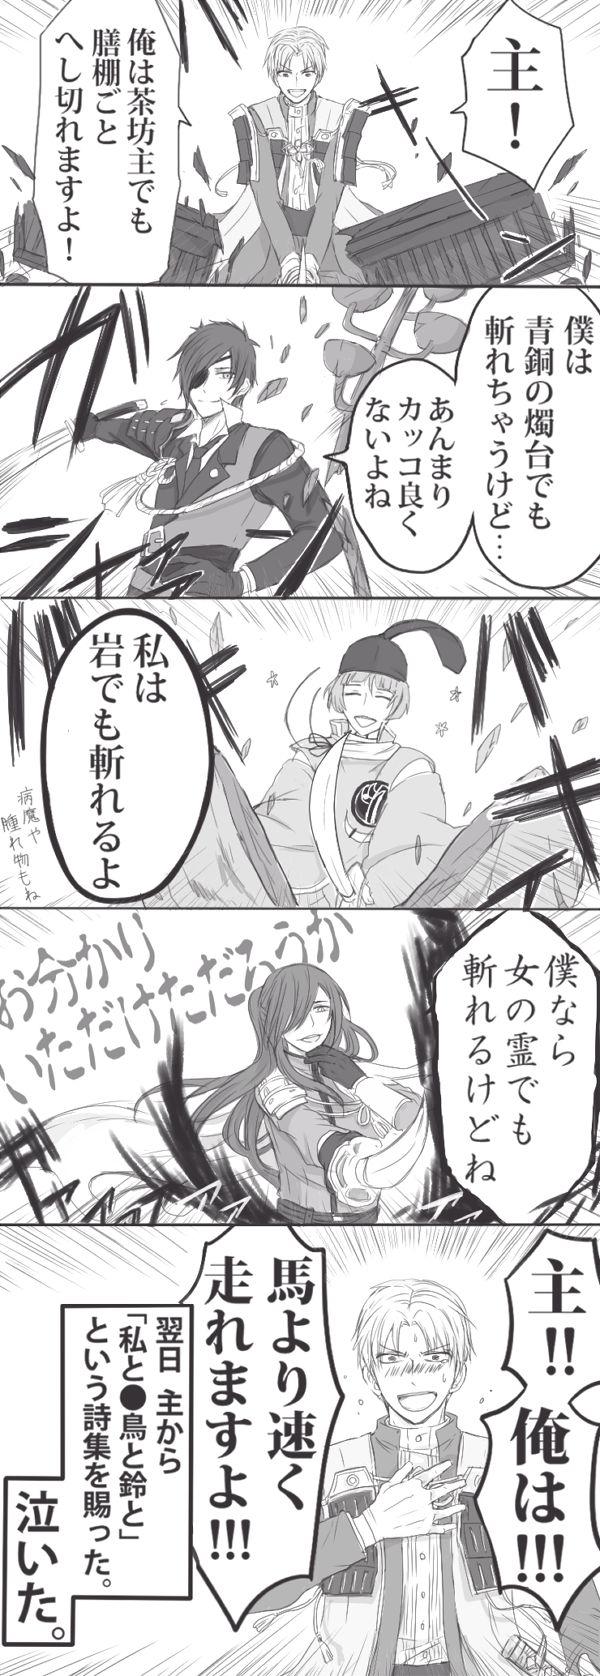 「刀剣乱舞小ネタ詰め合わせ」/「コマツナ」の漫画 [pixiv]